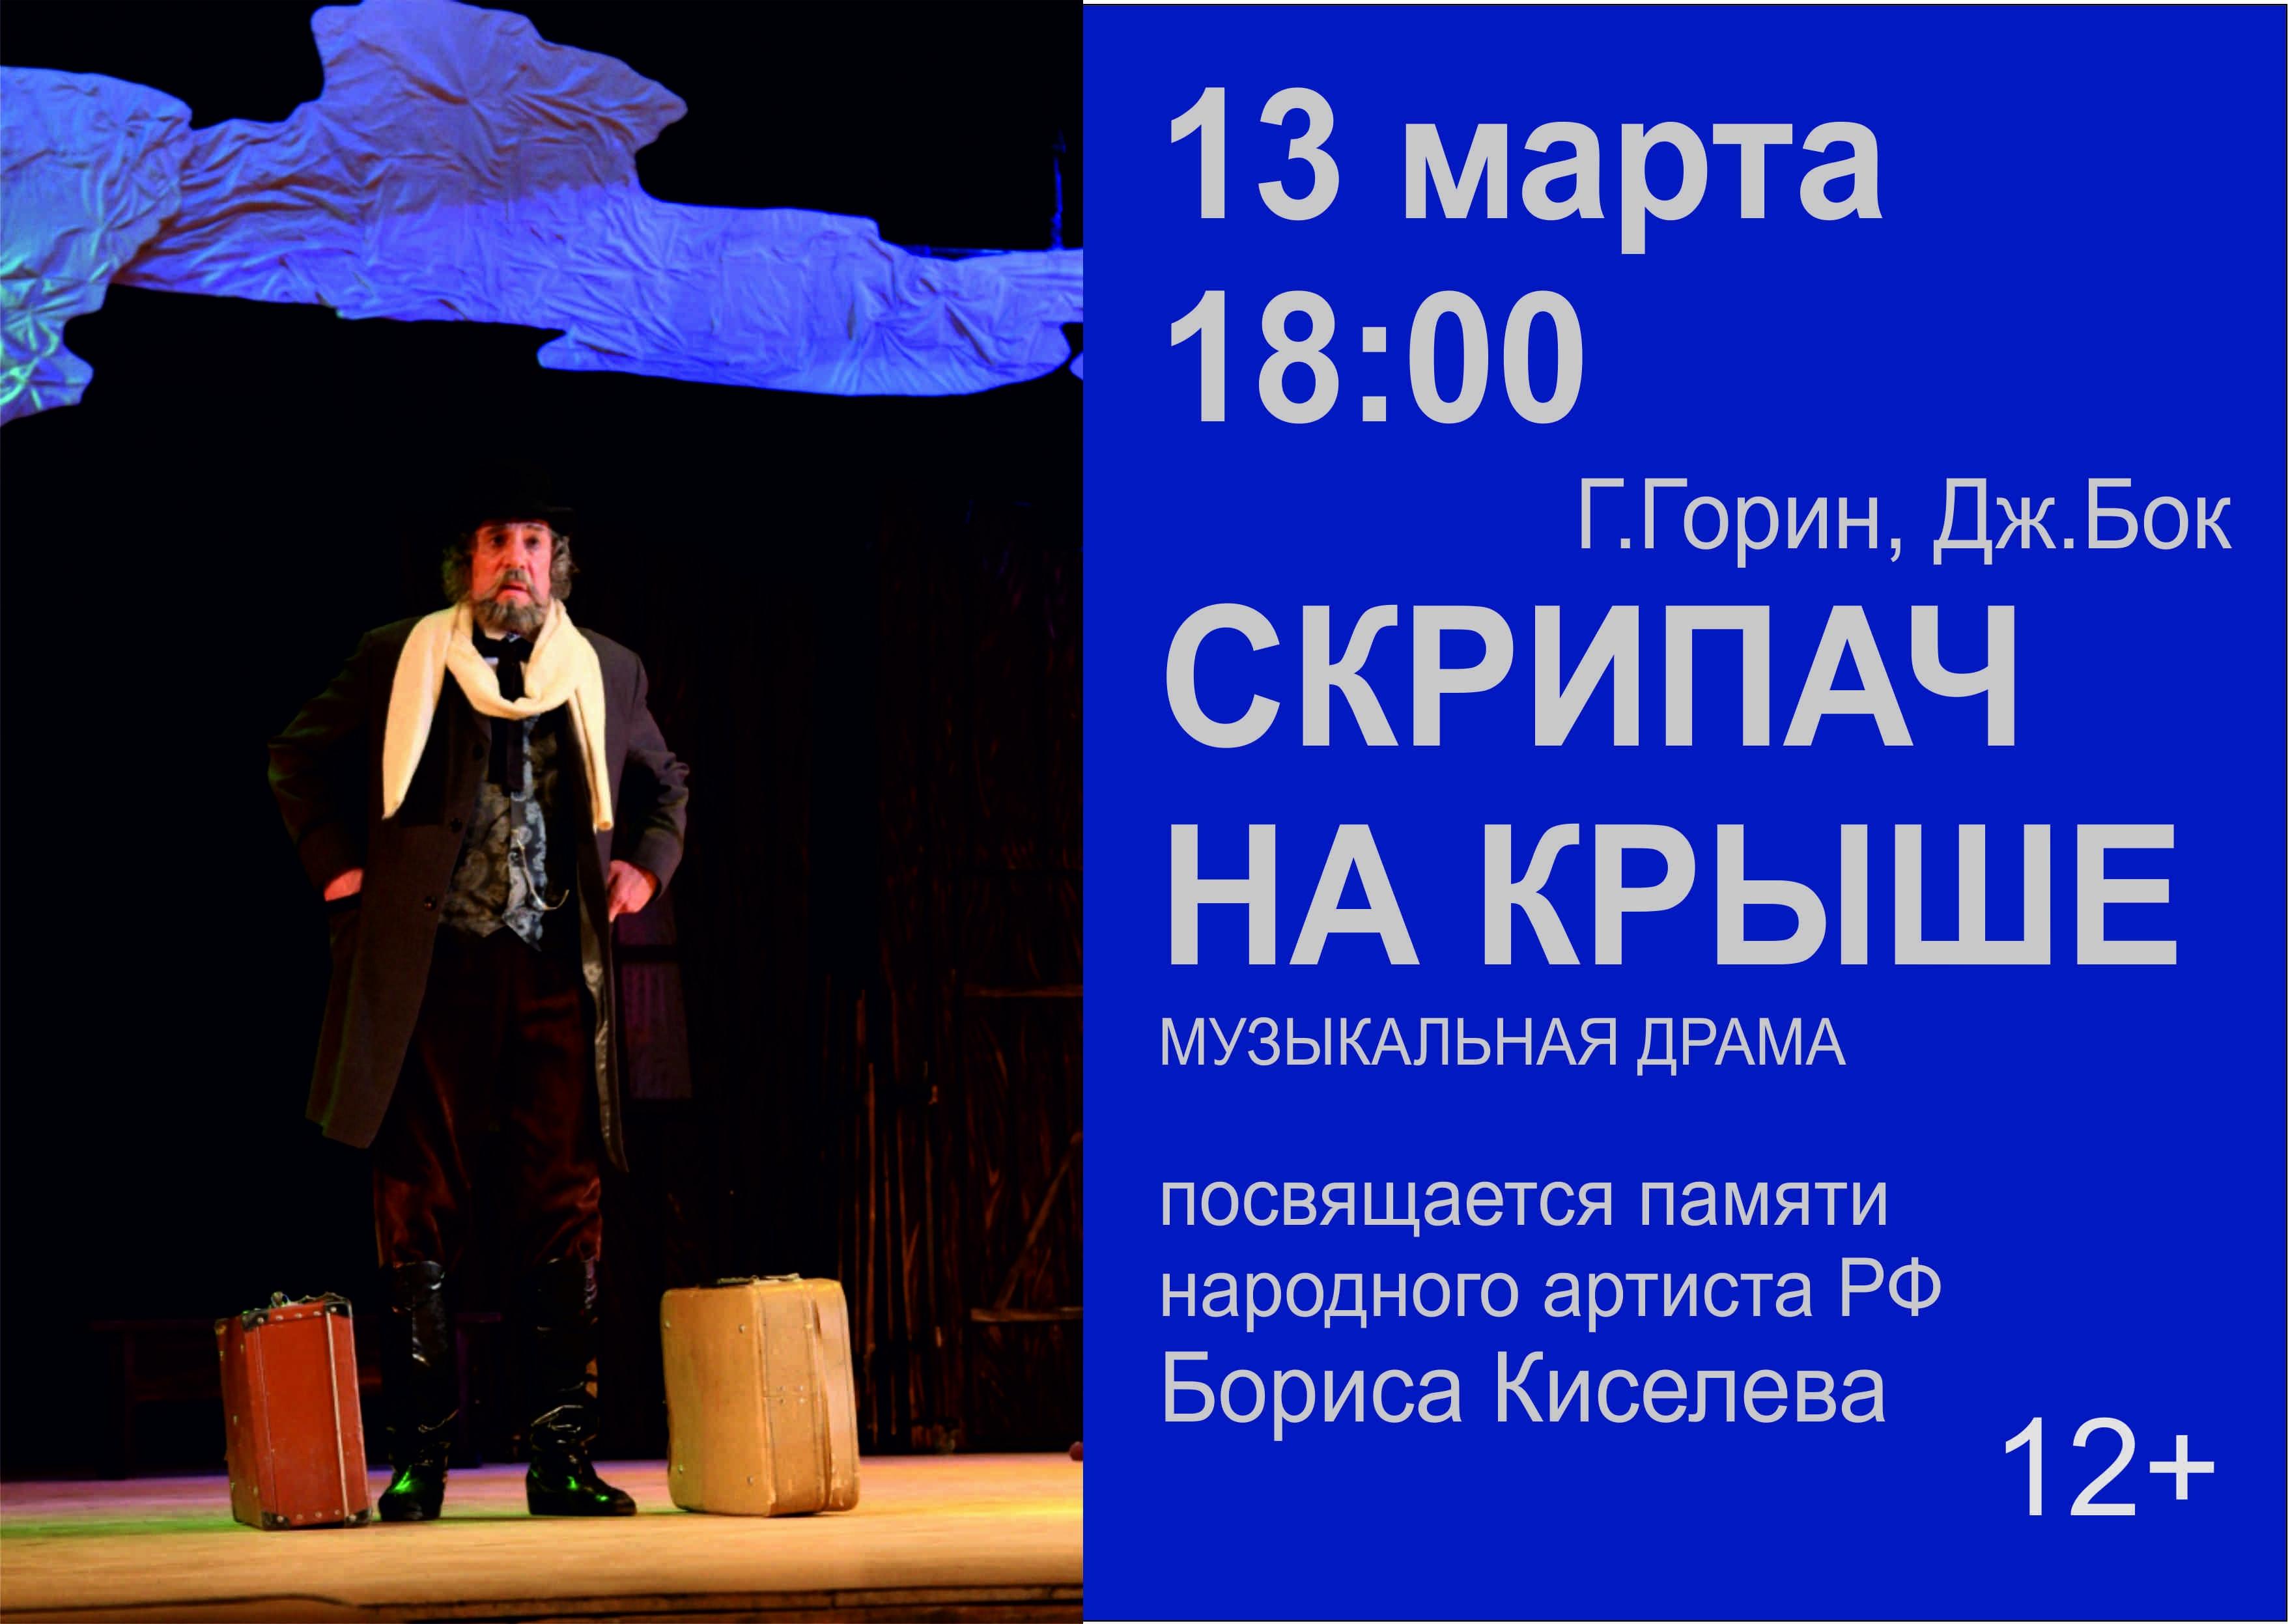 Спектакль памяти Бориса Киселева